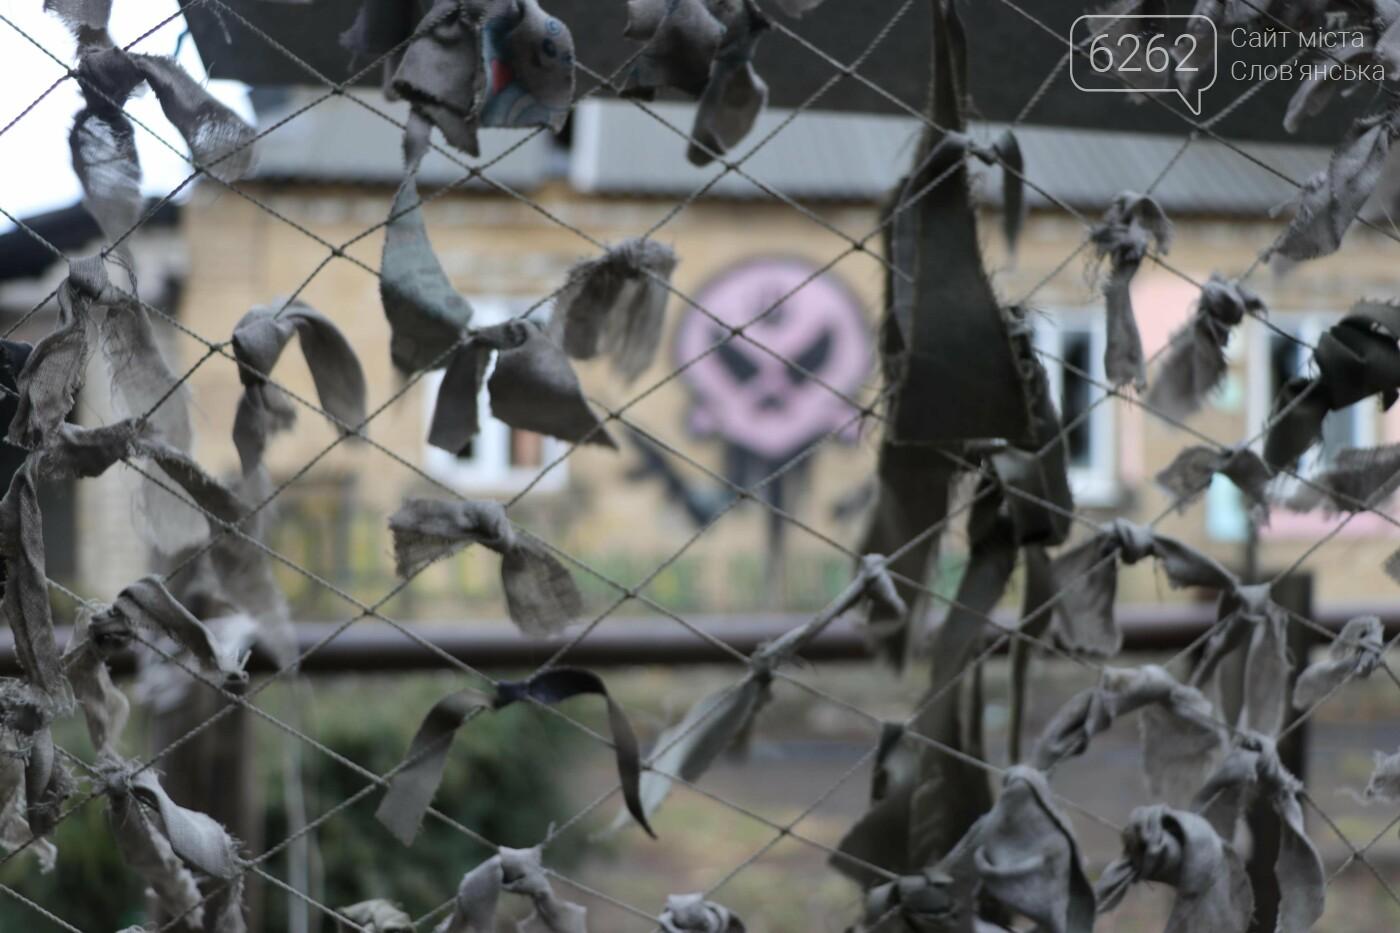 Слов'янці на передовій. Сьомий рік війни на Донбасі - ФОТО, фото-3